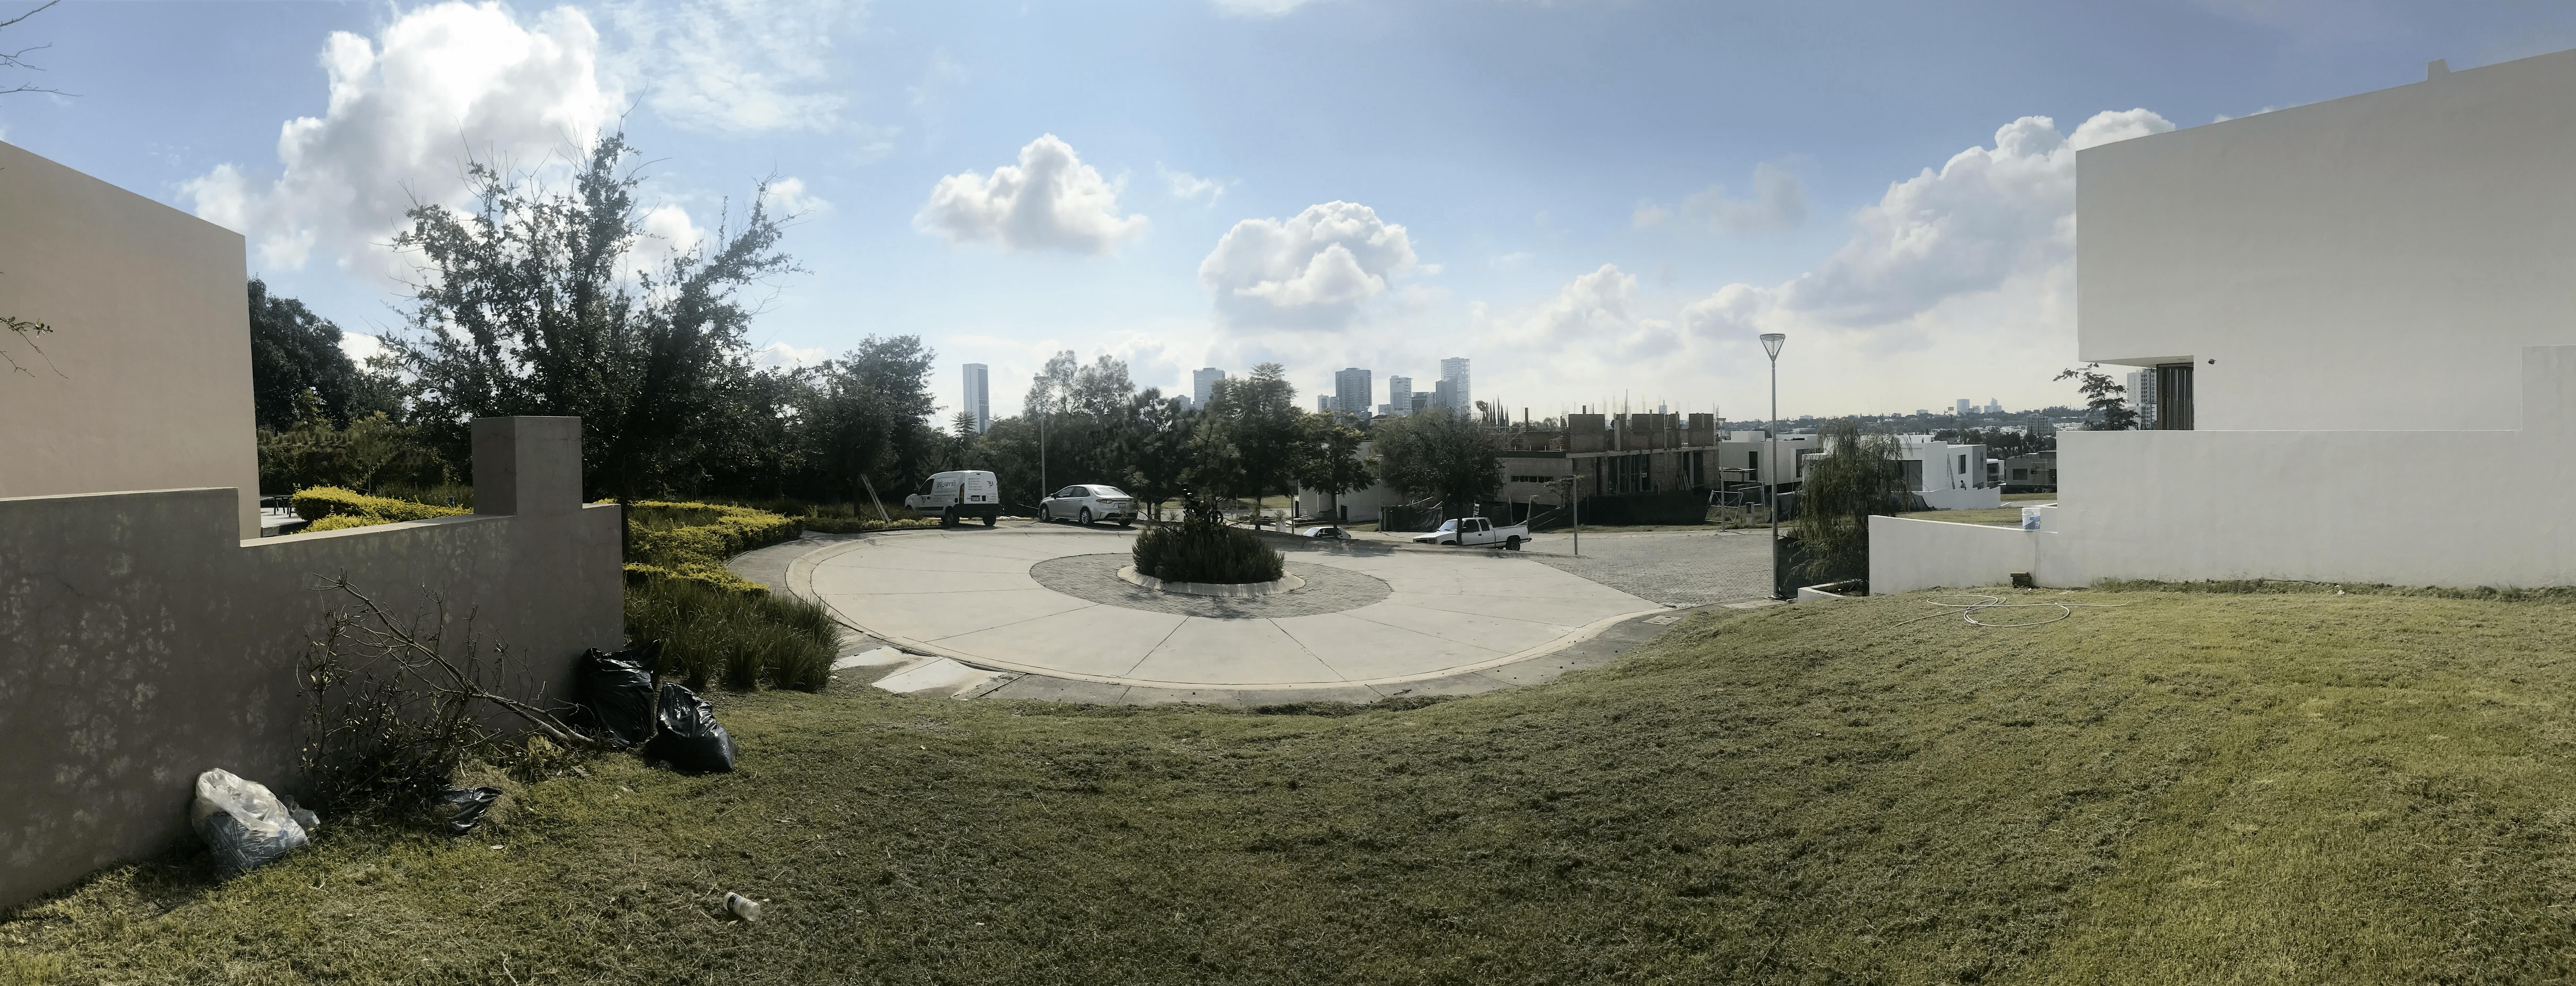 Terreno en Venta La Abadia Residencial Zap. 416 m²